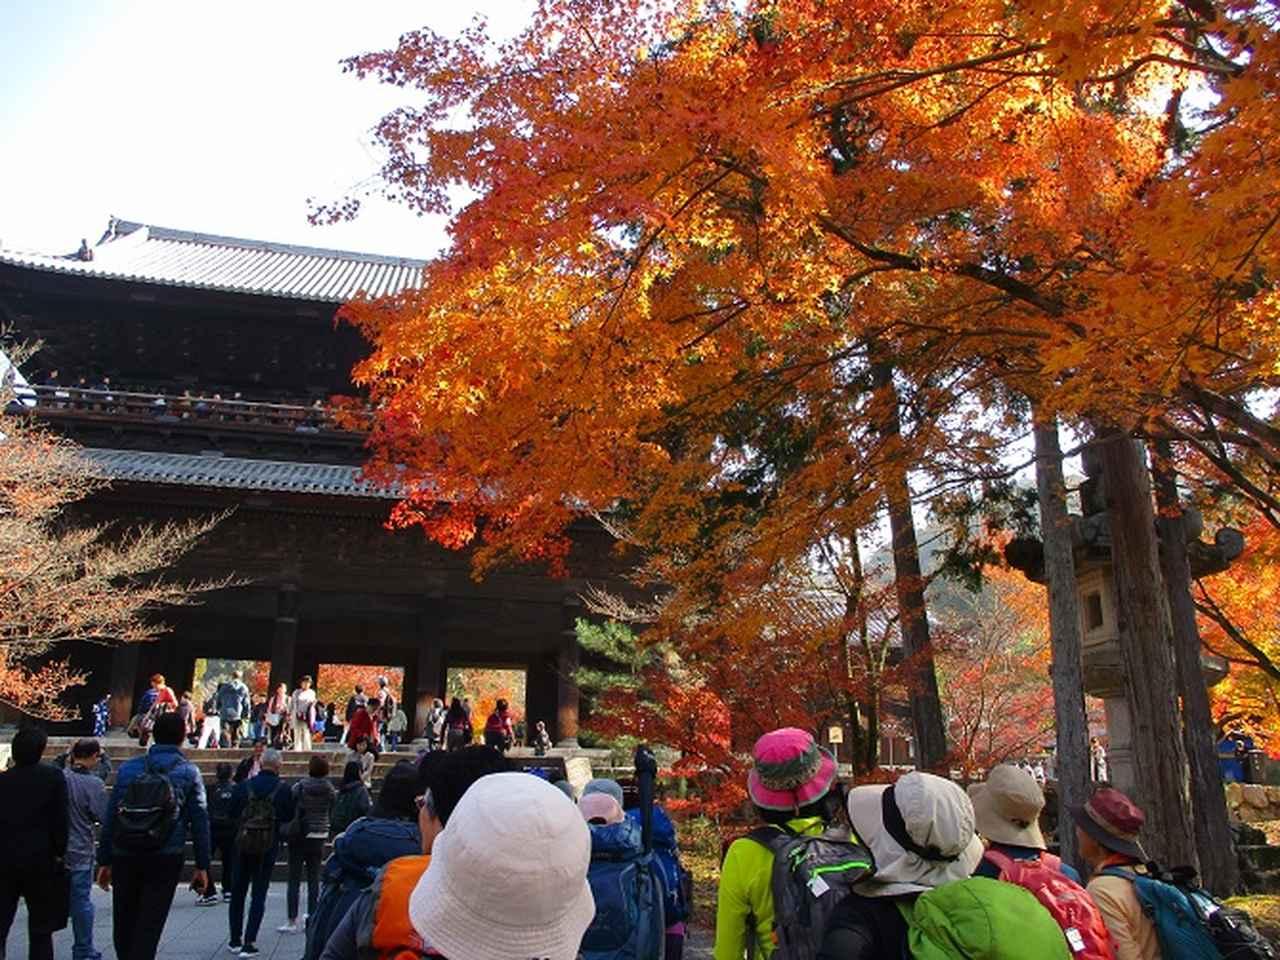 画像1: 11月27日より2泊3日で 山旅会 「京都」 へ行ってきました!